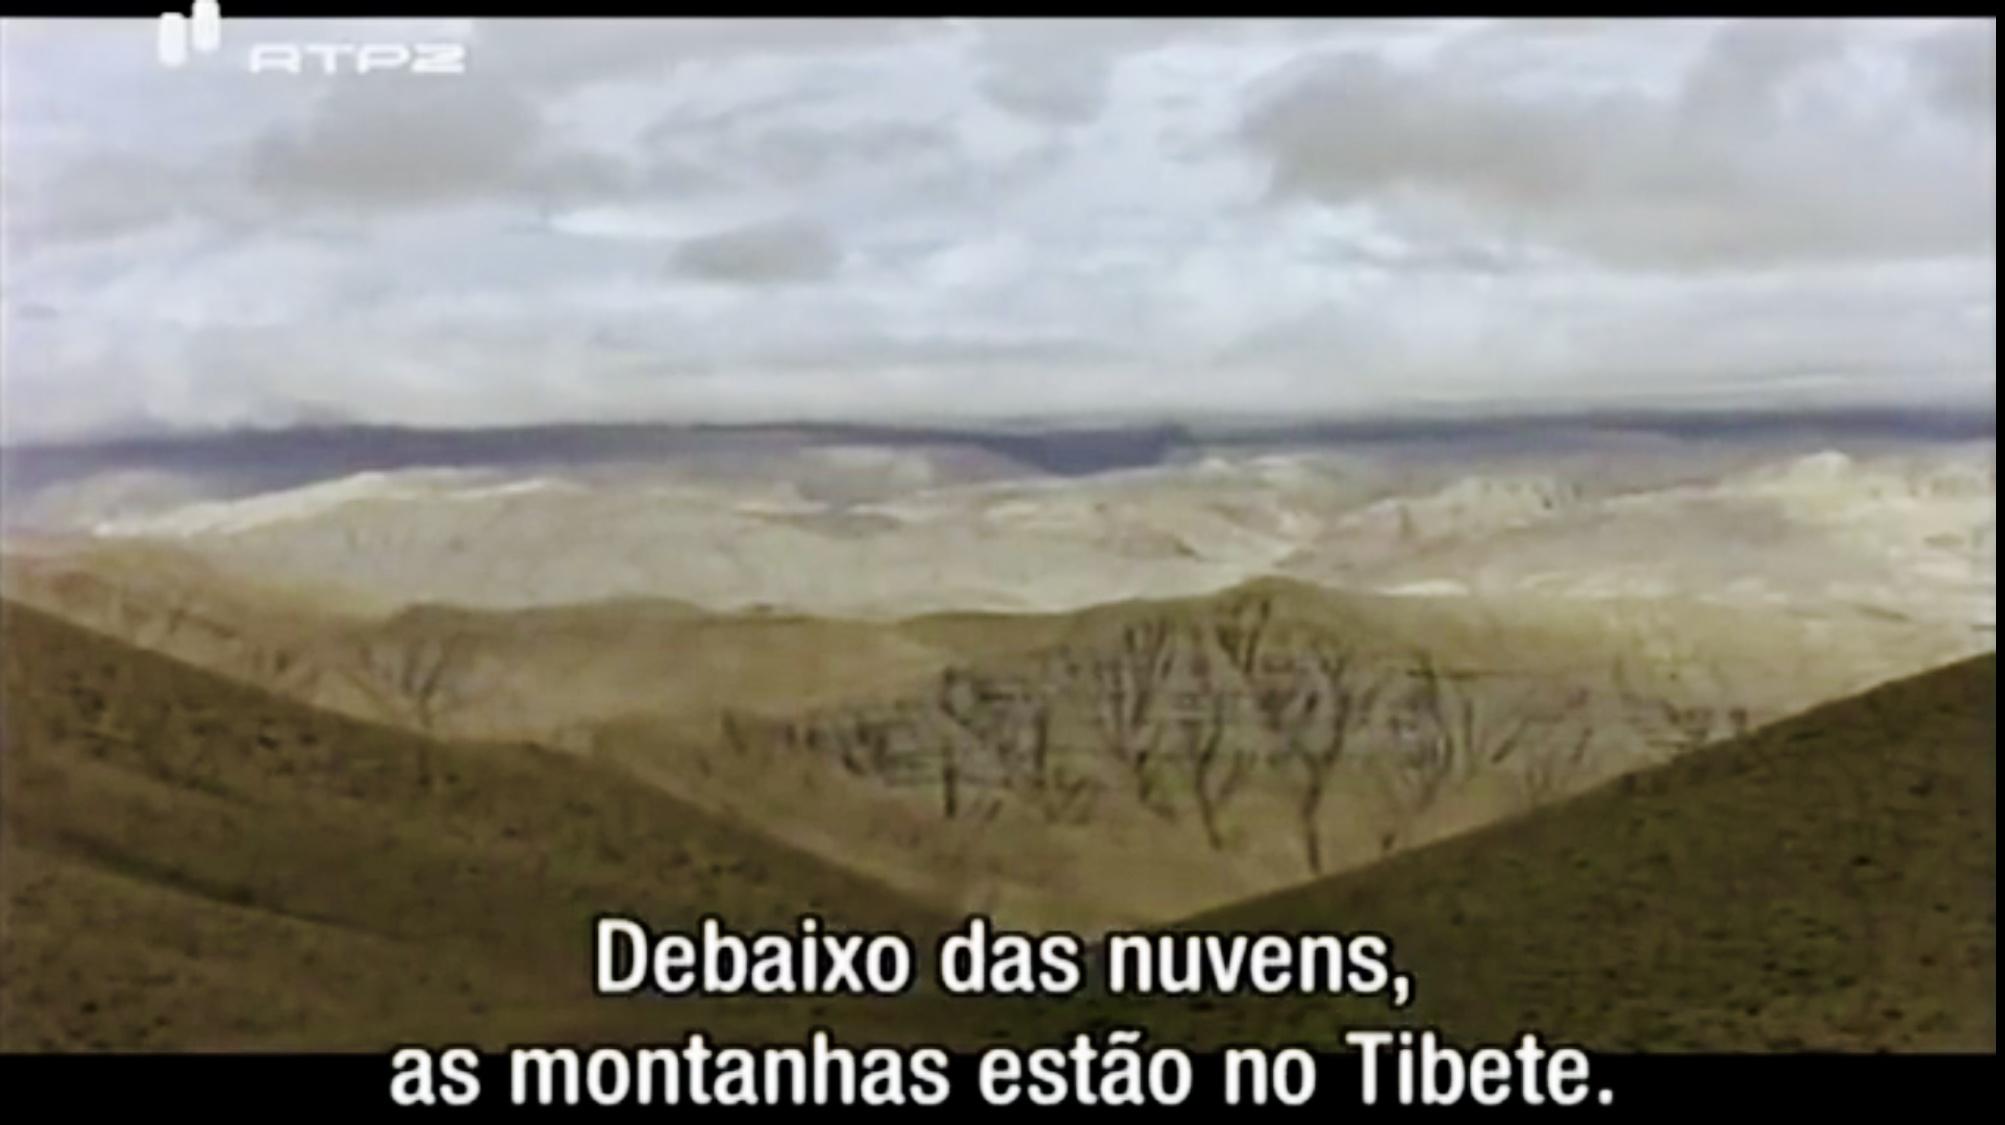 纪录片截屏,仁波切所见的西藏风景。(截图)